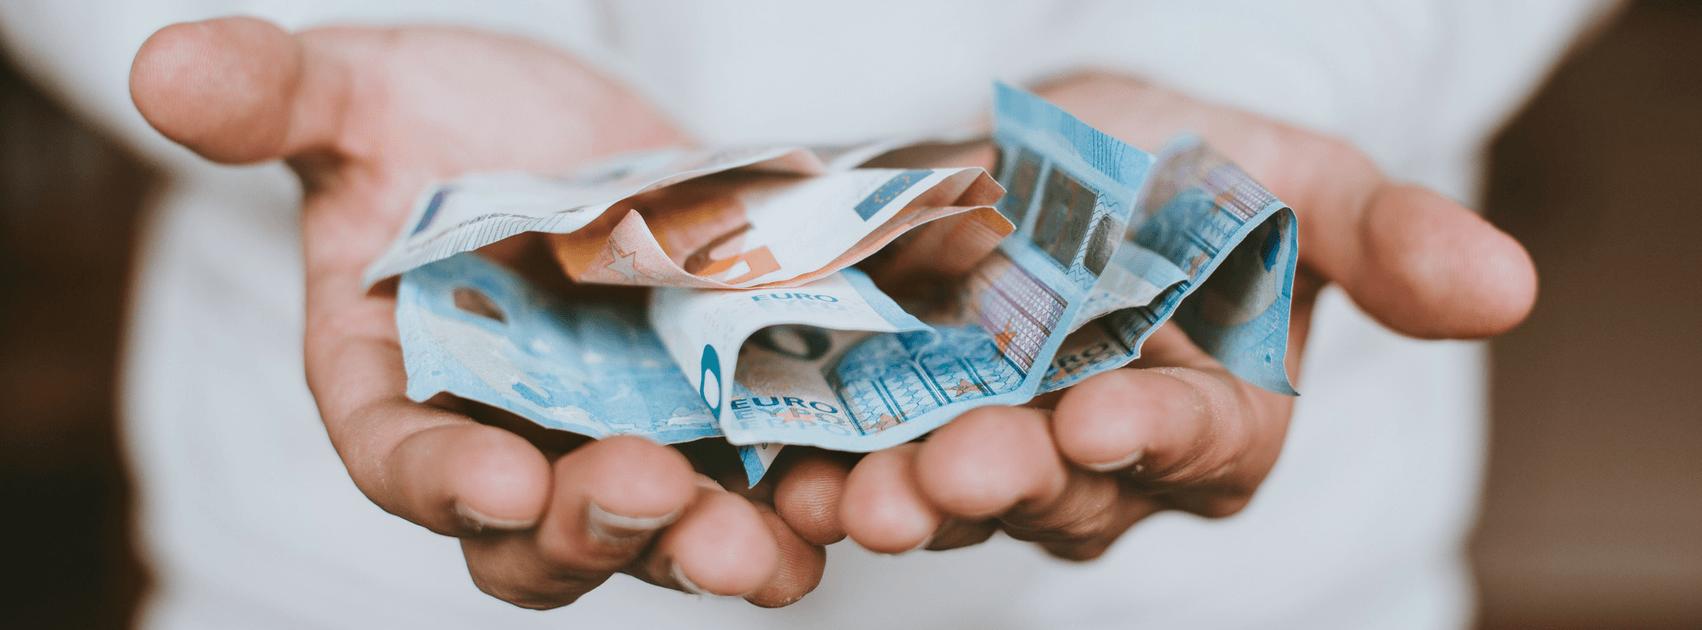 Zvýšeniu platu prinieslo ruky plné penazí